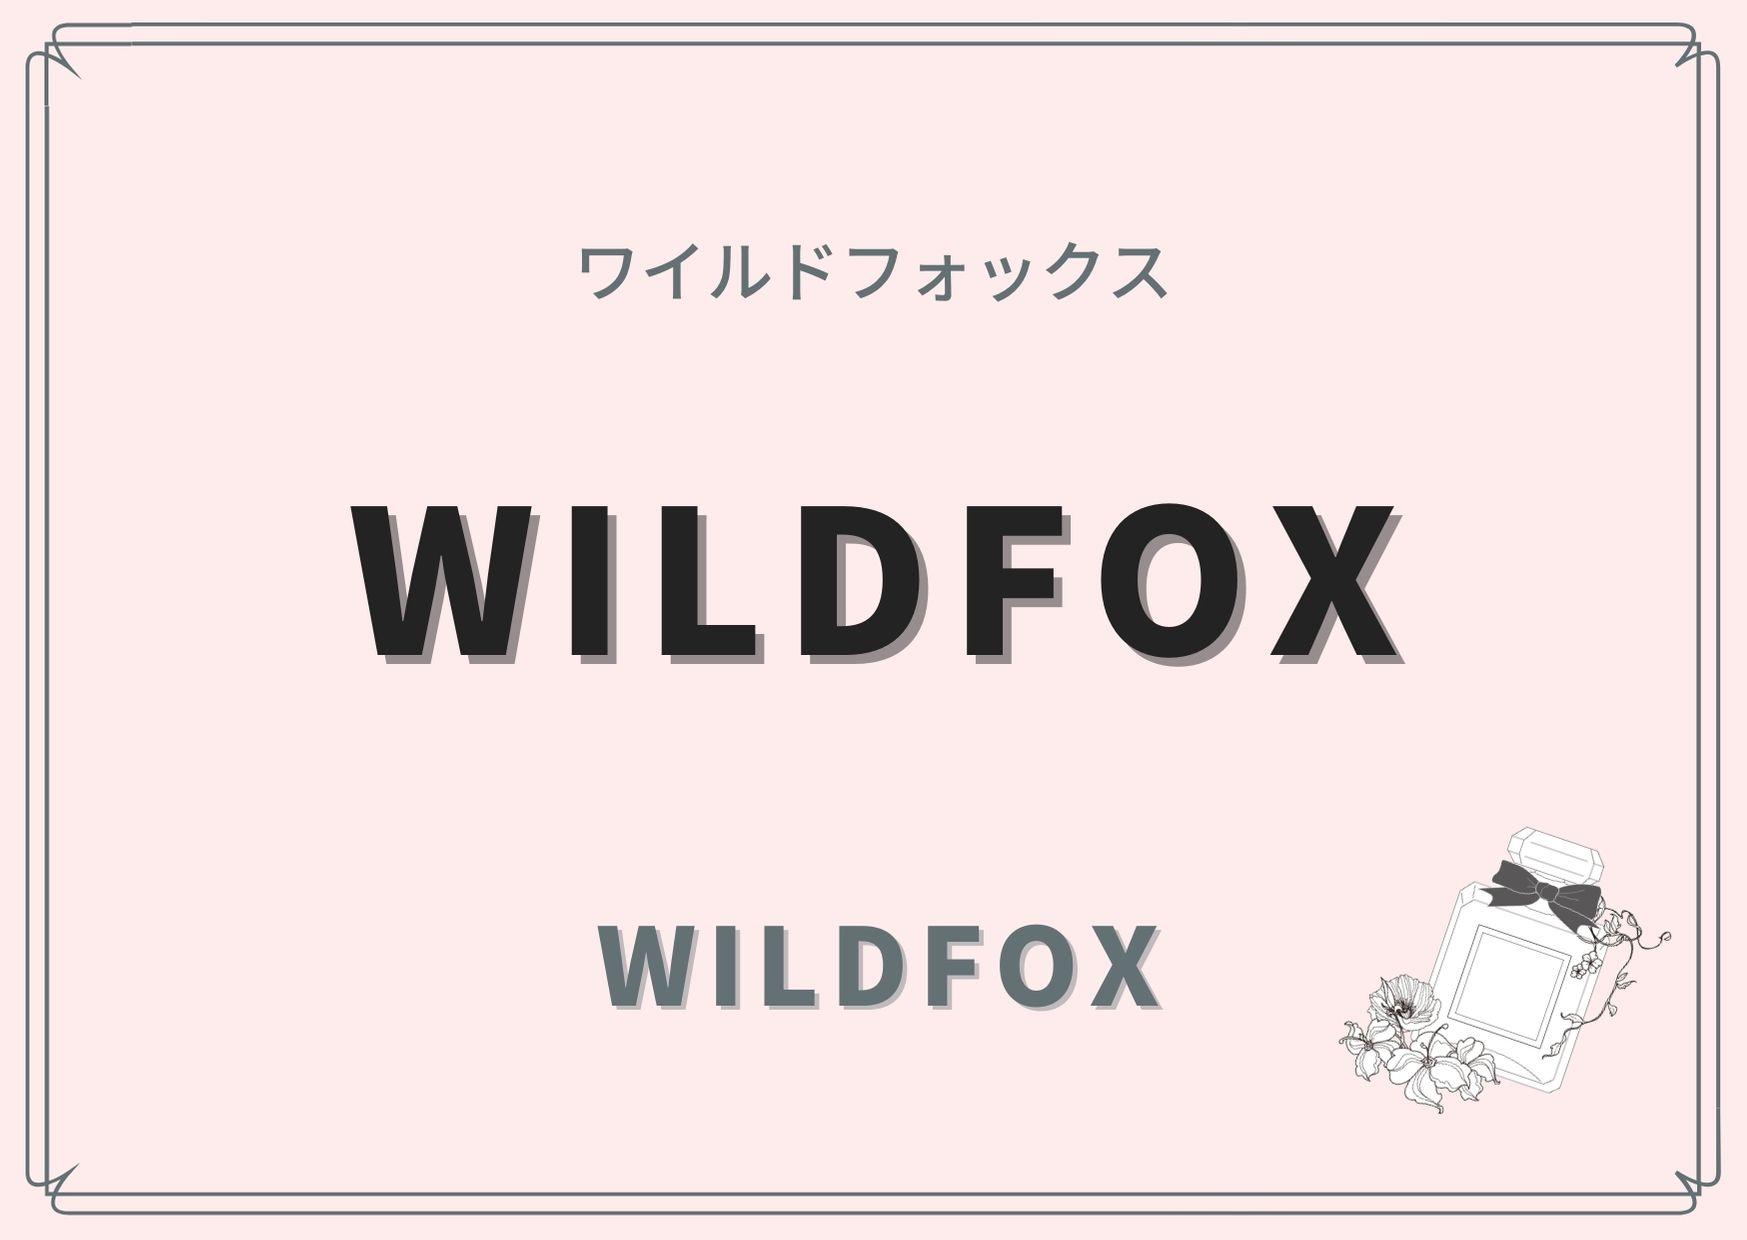 Wildfox(ワイルドフォックス)/Wildfox(ワイルドフォックス)